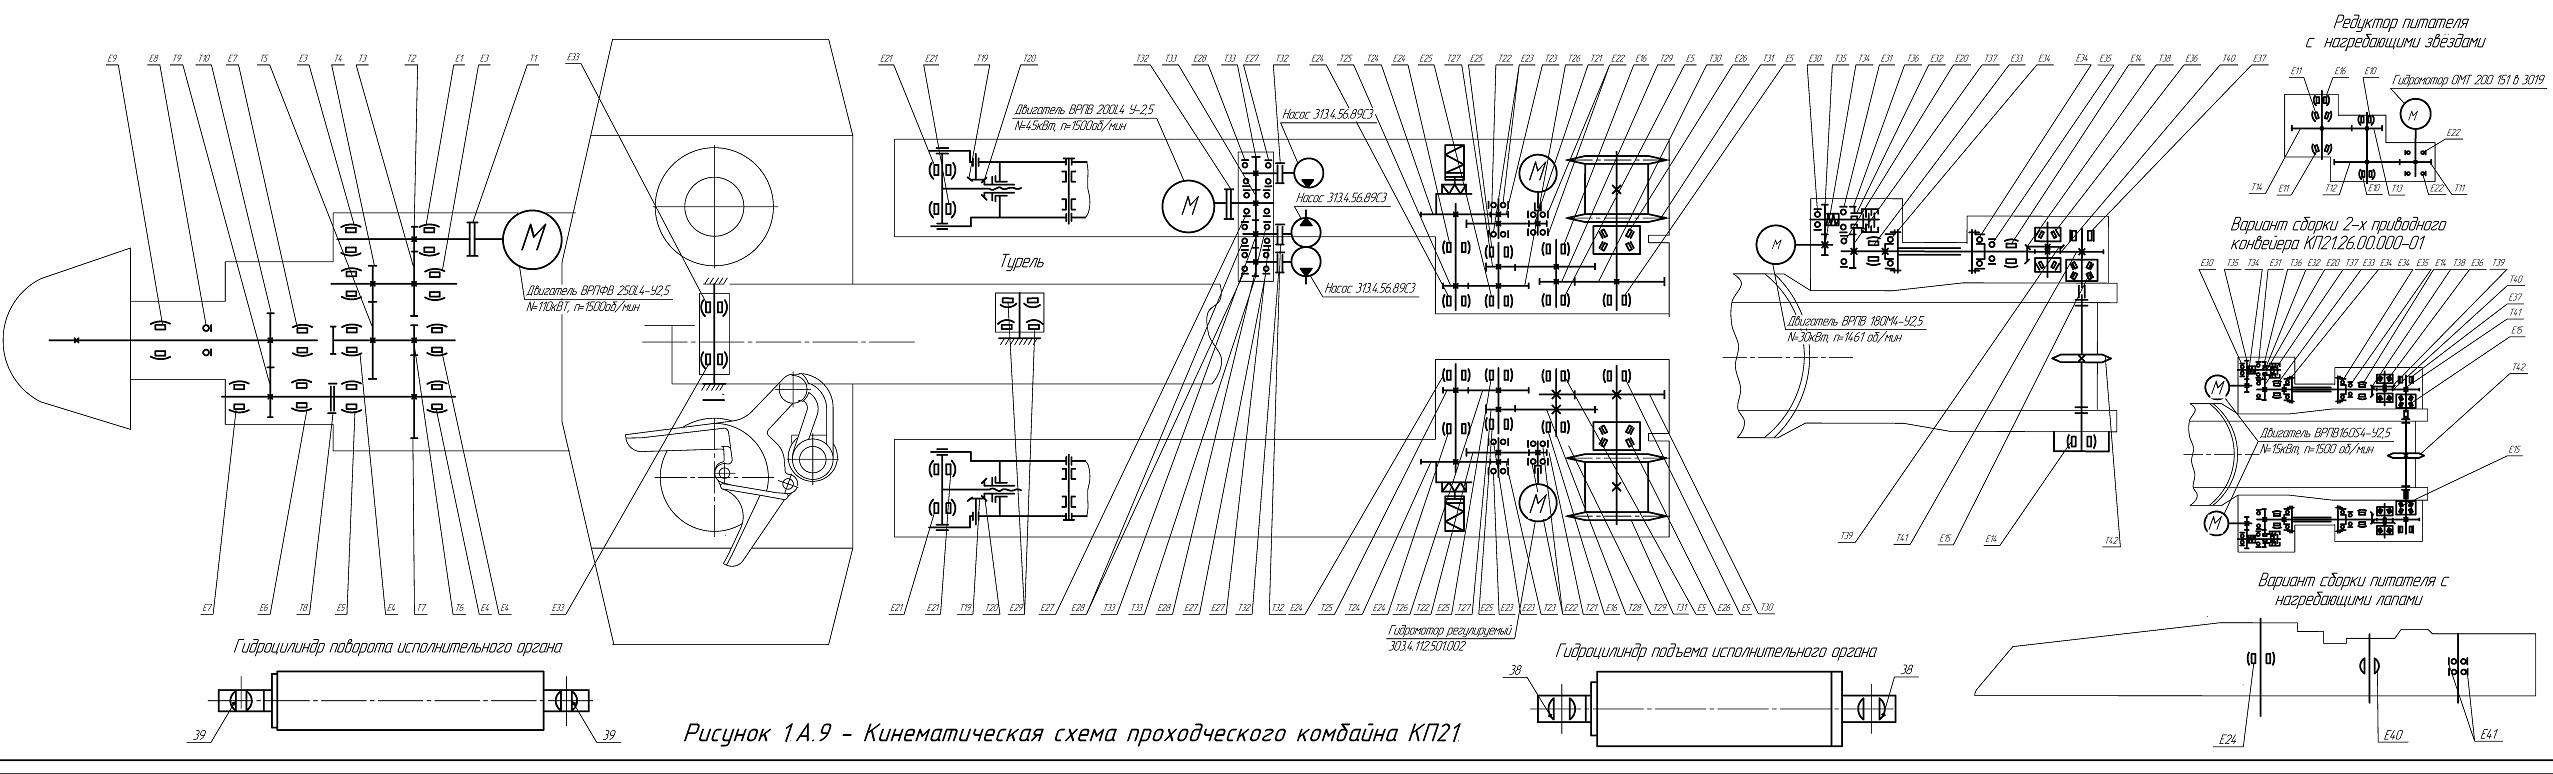 комбайн кп-21 схема